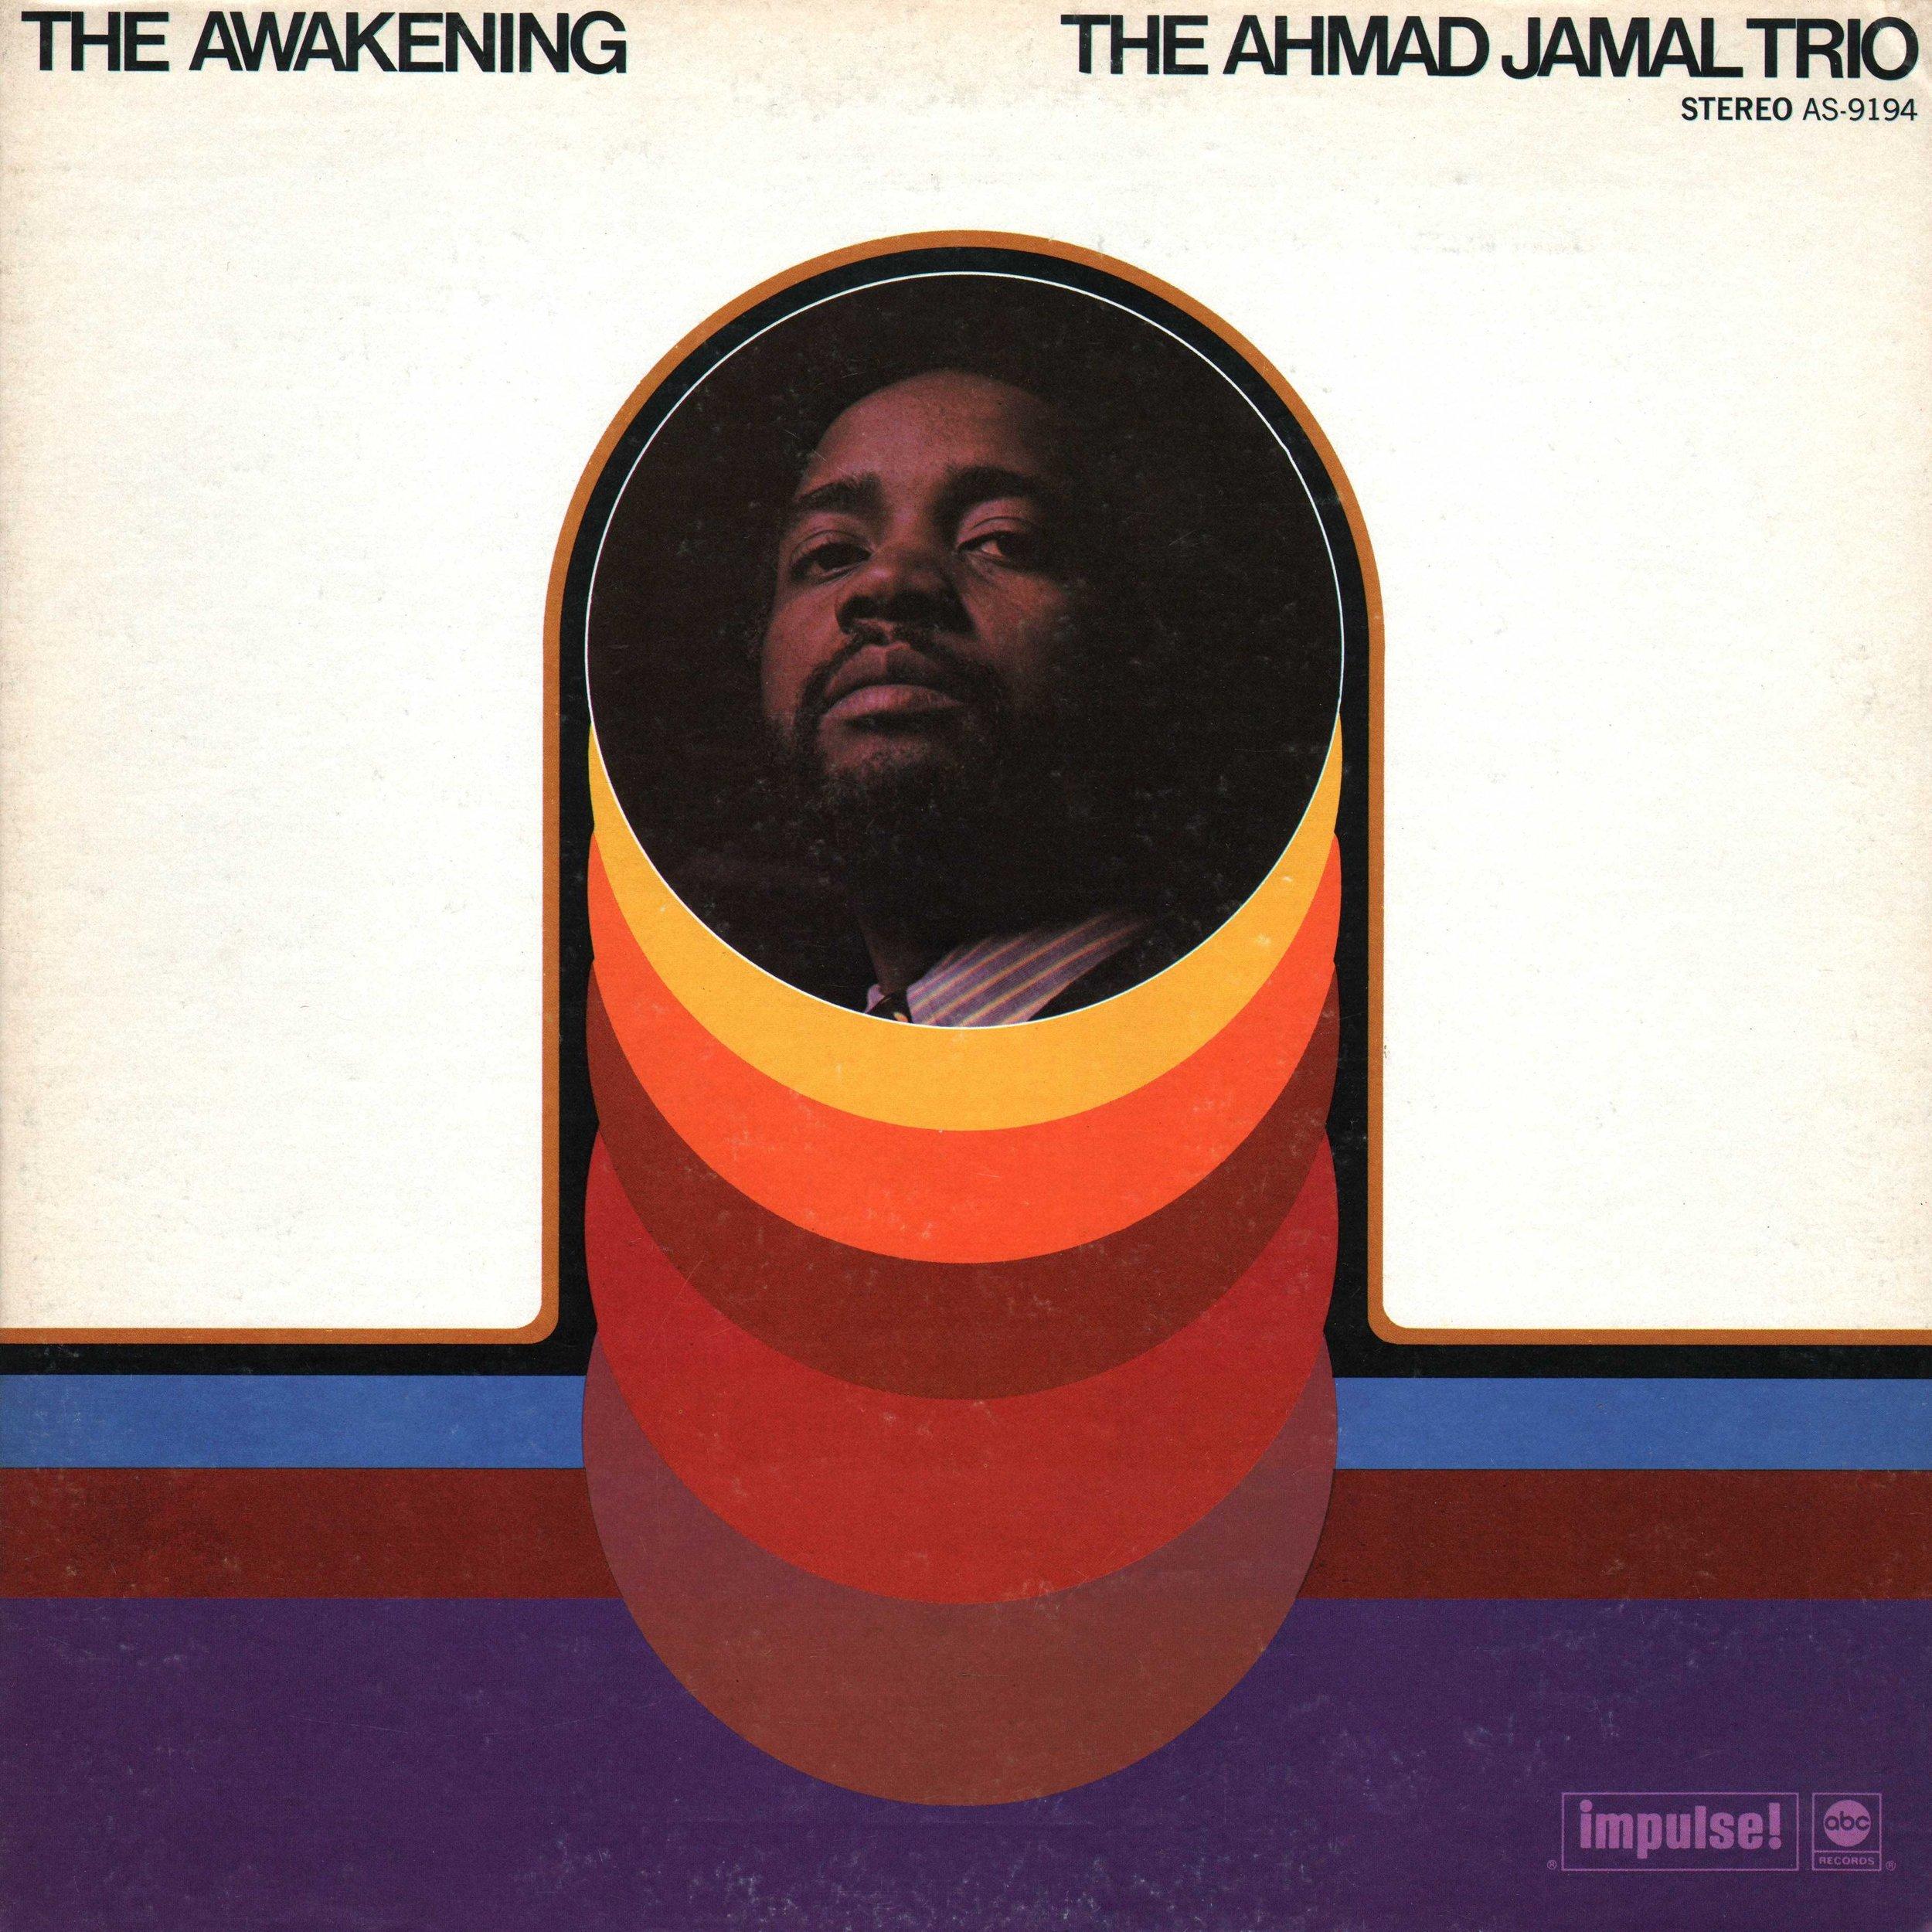 Ahmad_Jamal_awakening.jpg